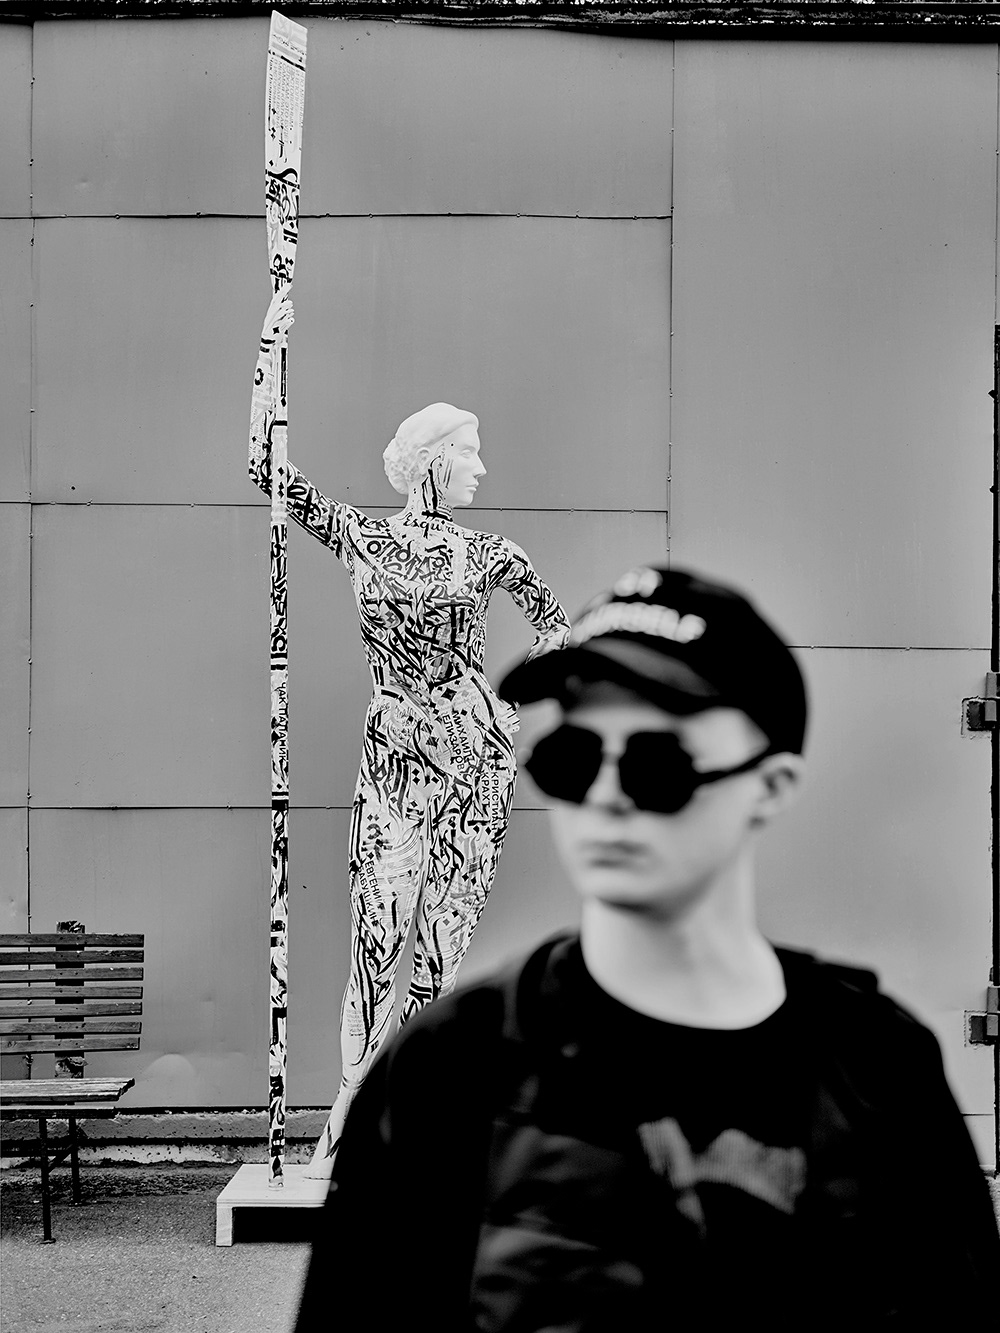 dmitry zhuravlev Photography  pokras lampas Esquire